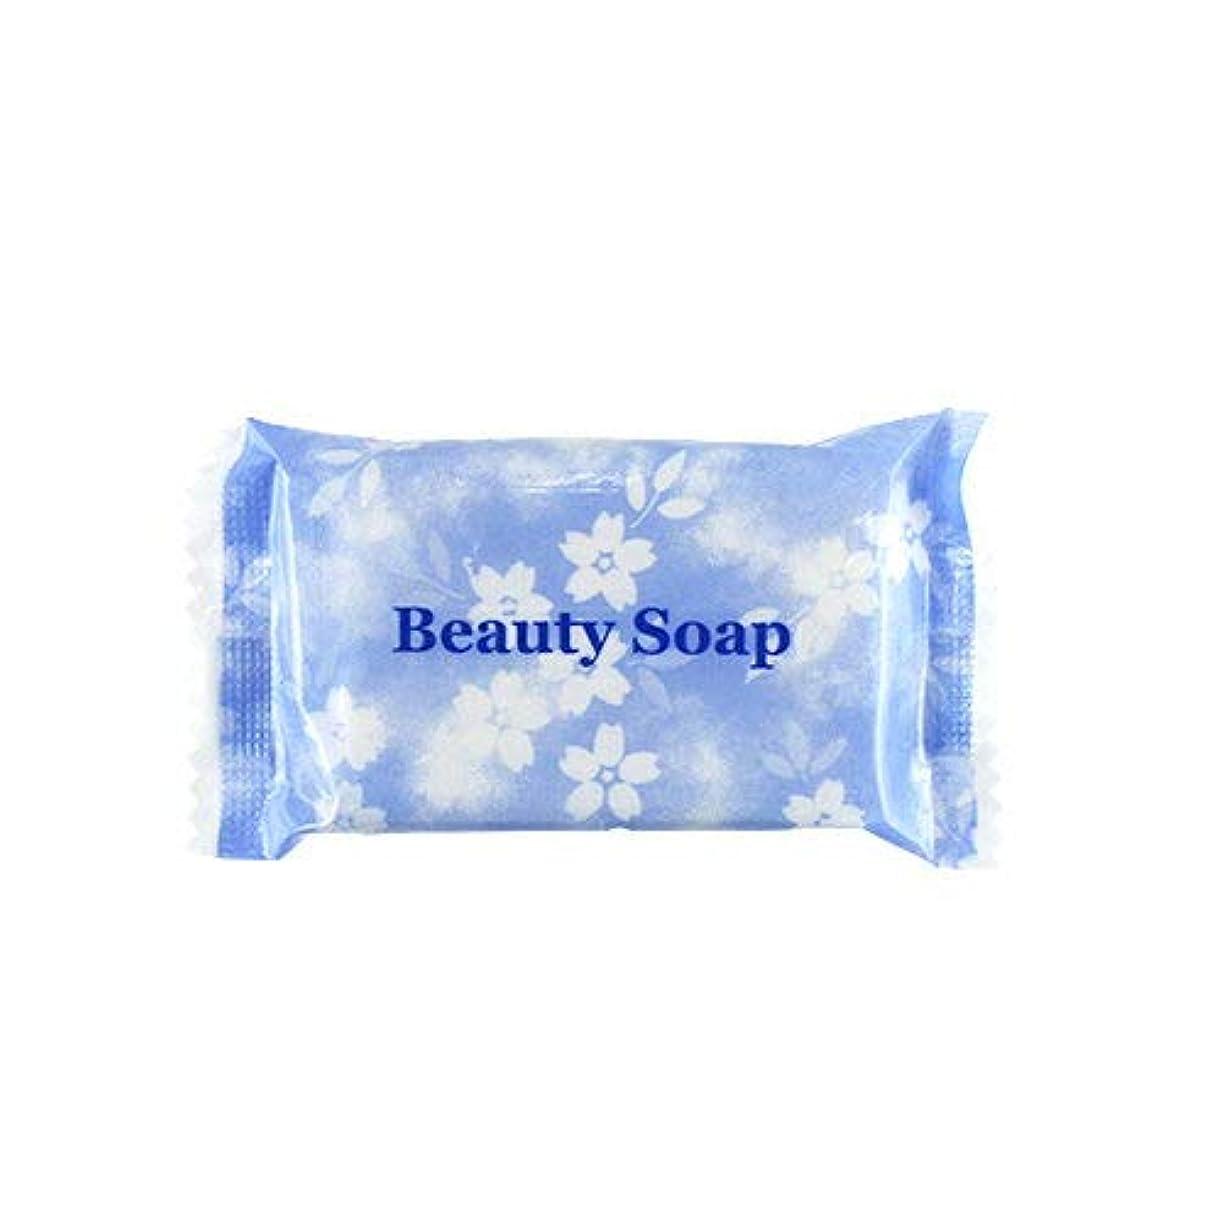 結紮珍味ショッキング業務用 クロバーコーポレーション ビューティーソープ(Beauty Soap) 15g×20個セット | ホテルアメニティ 個包装